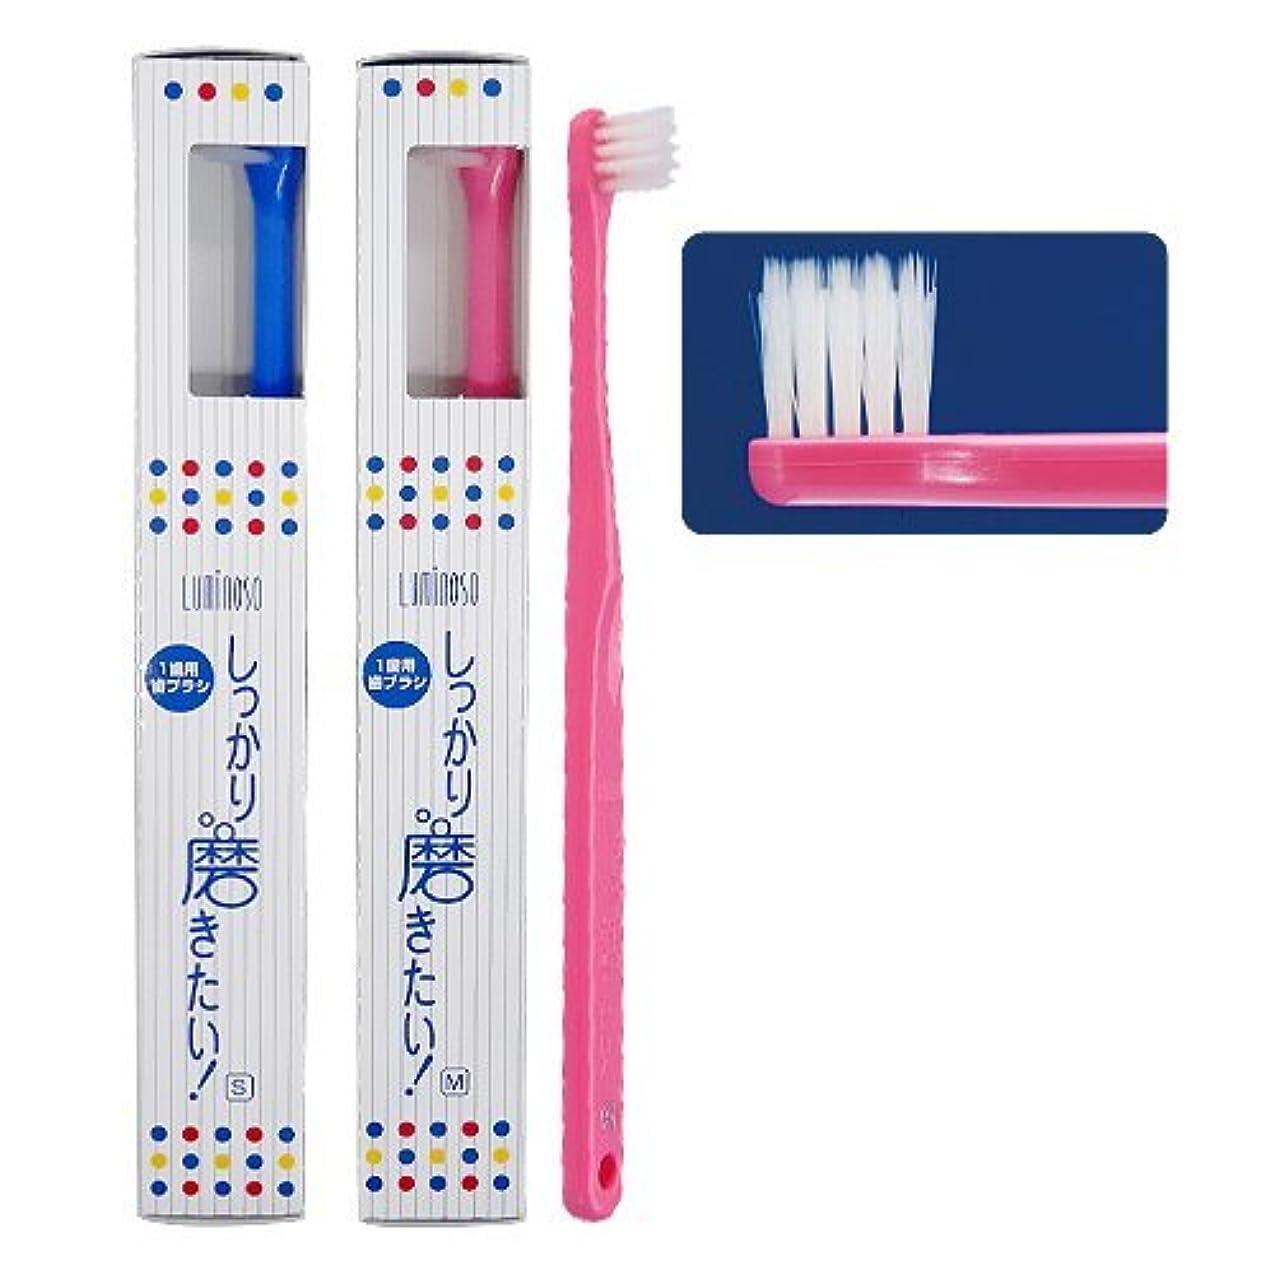 業界酸化物財団ルミノソ 1歯用歯ブラシ「しっかり磨きたい!」スタンダード ミディアム (カラー指定不可) 3本